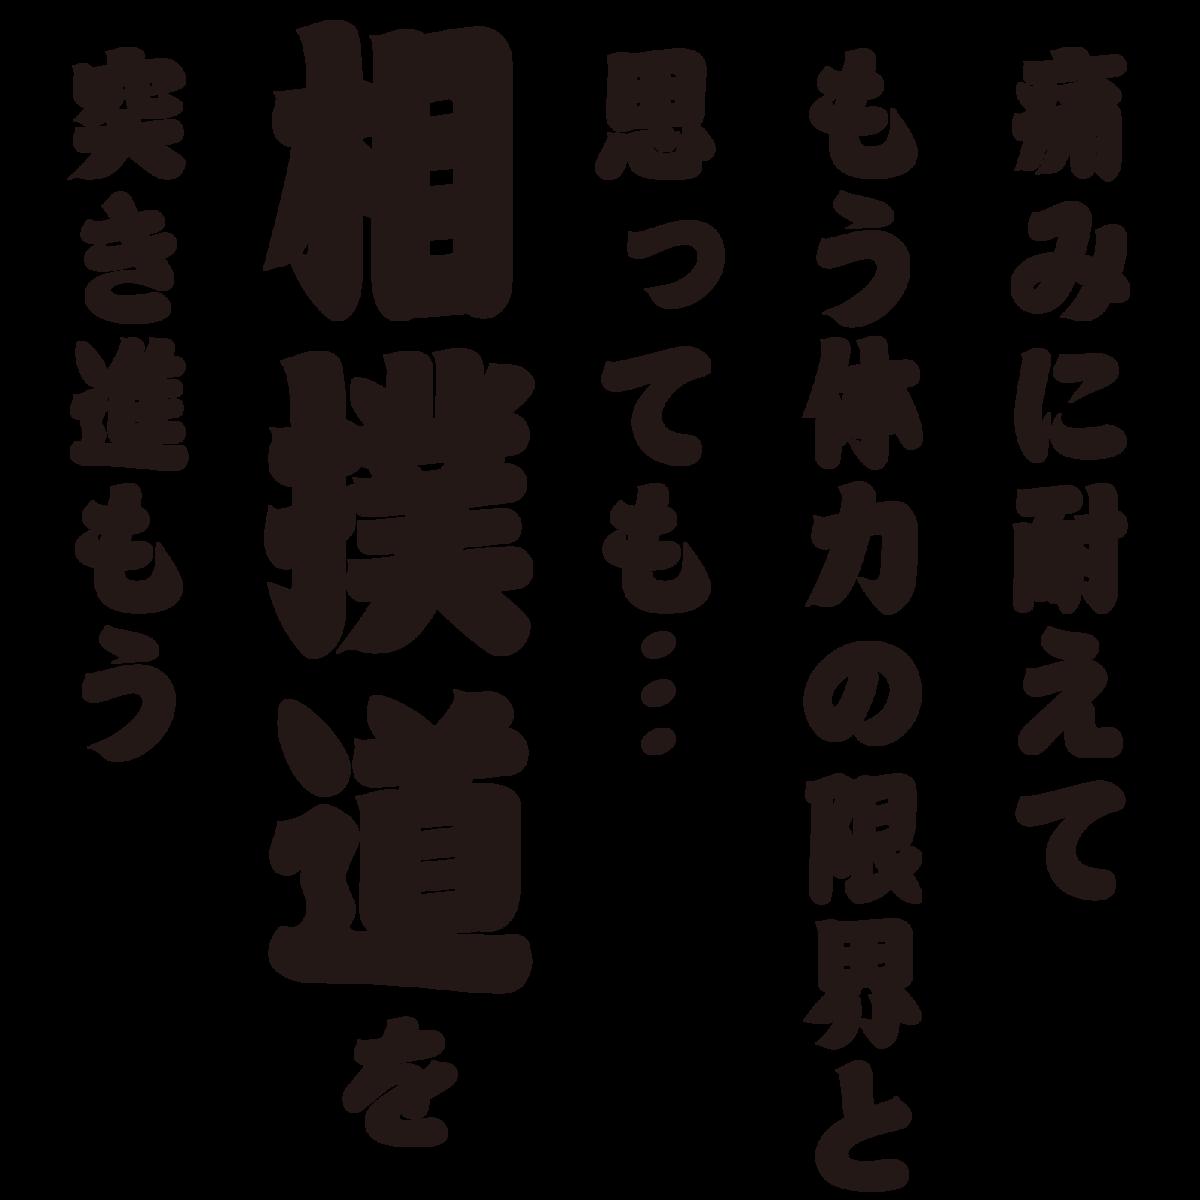 f:id:mojiru:20200117151857p:plain